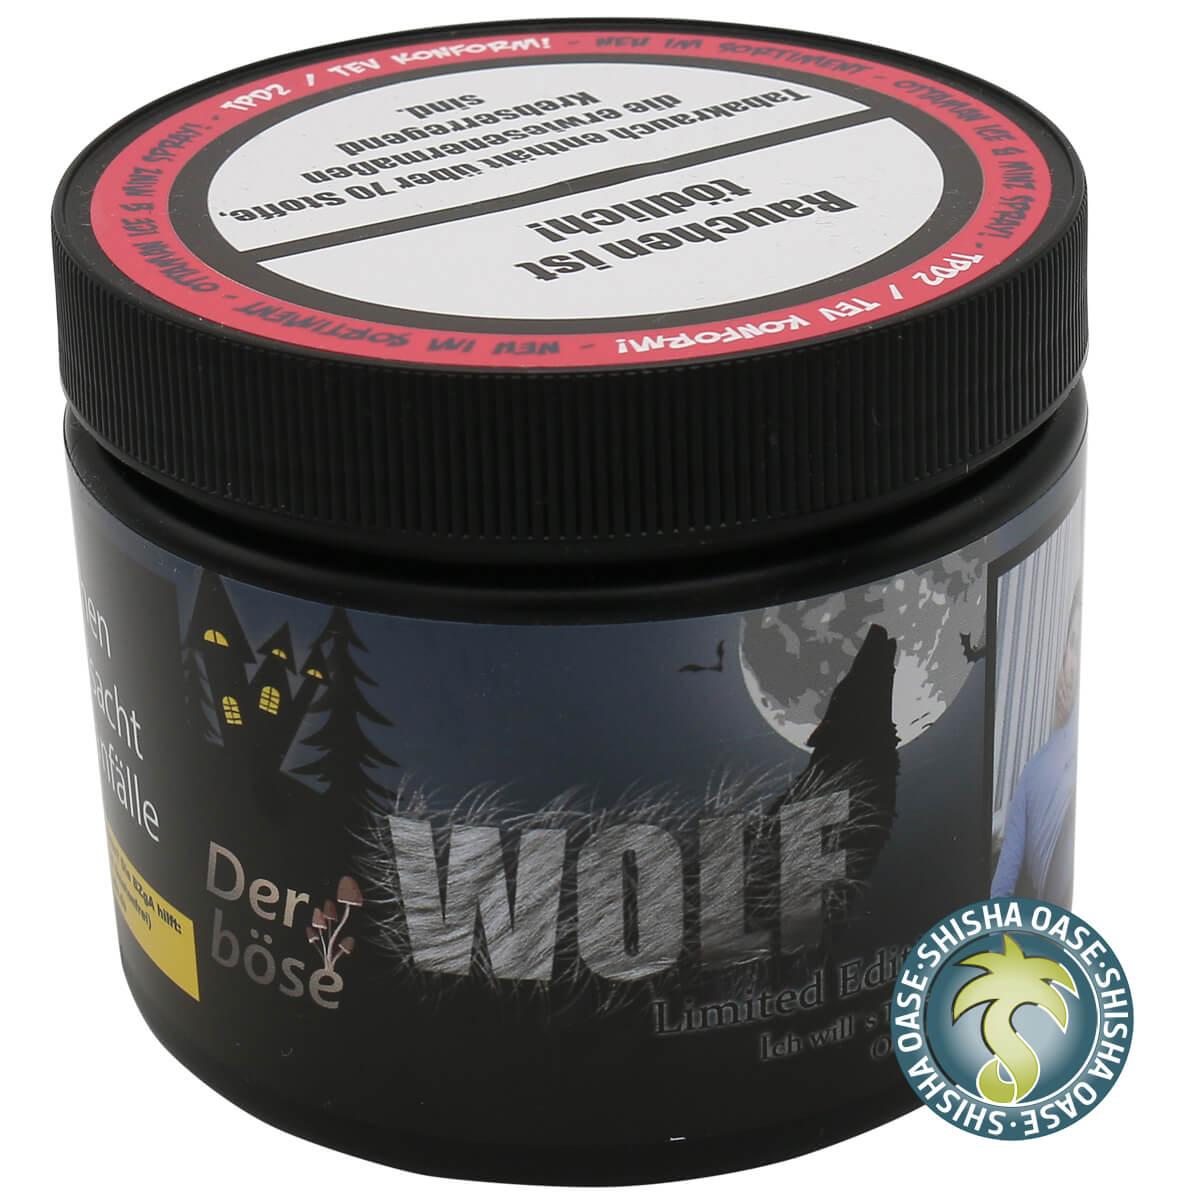 Ottaman Tabak 200g | Der böse Wolf